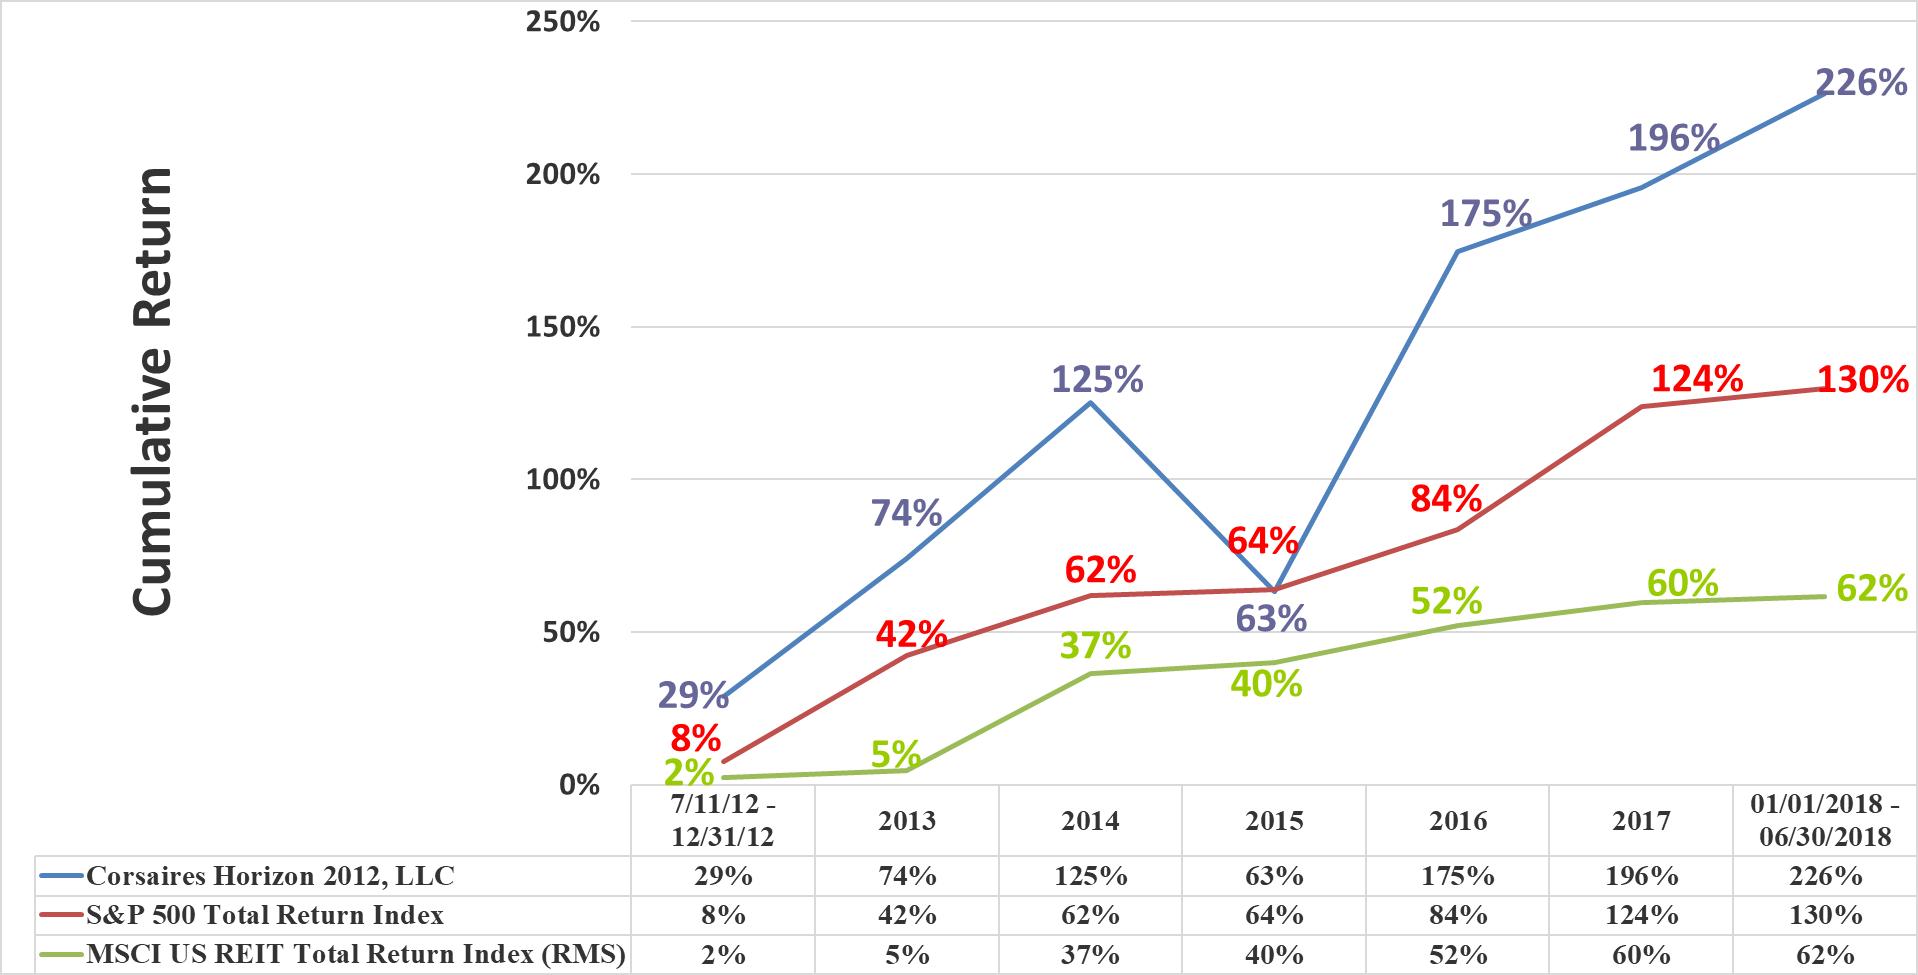 Horizon Rate of Return Graphic Through Q2 2018 Cumulative